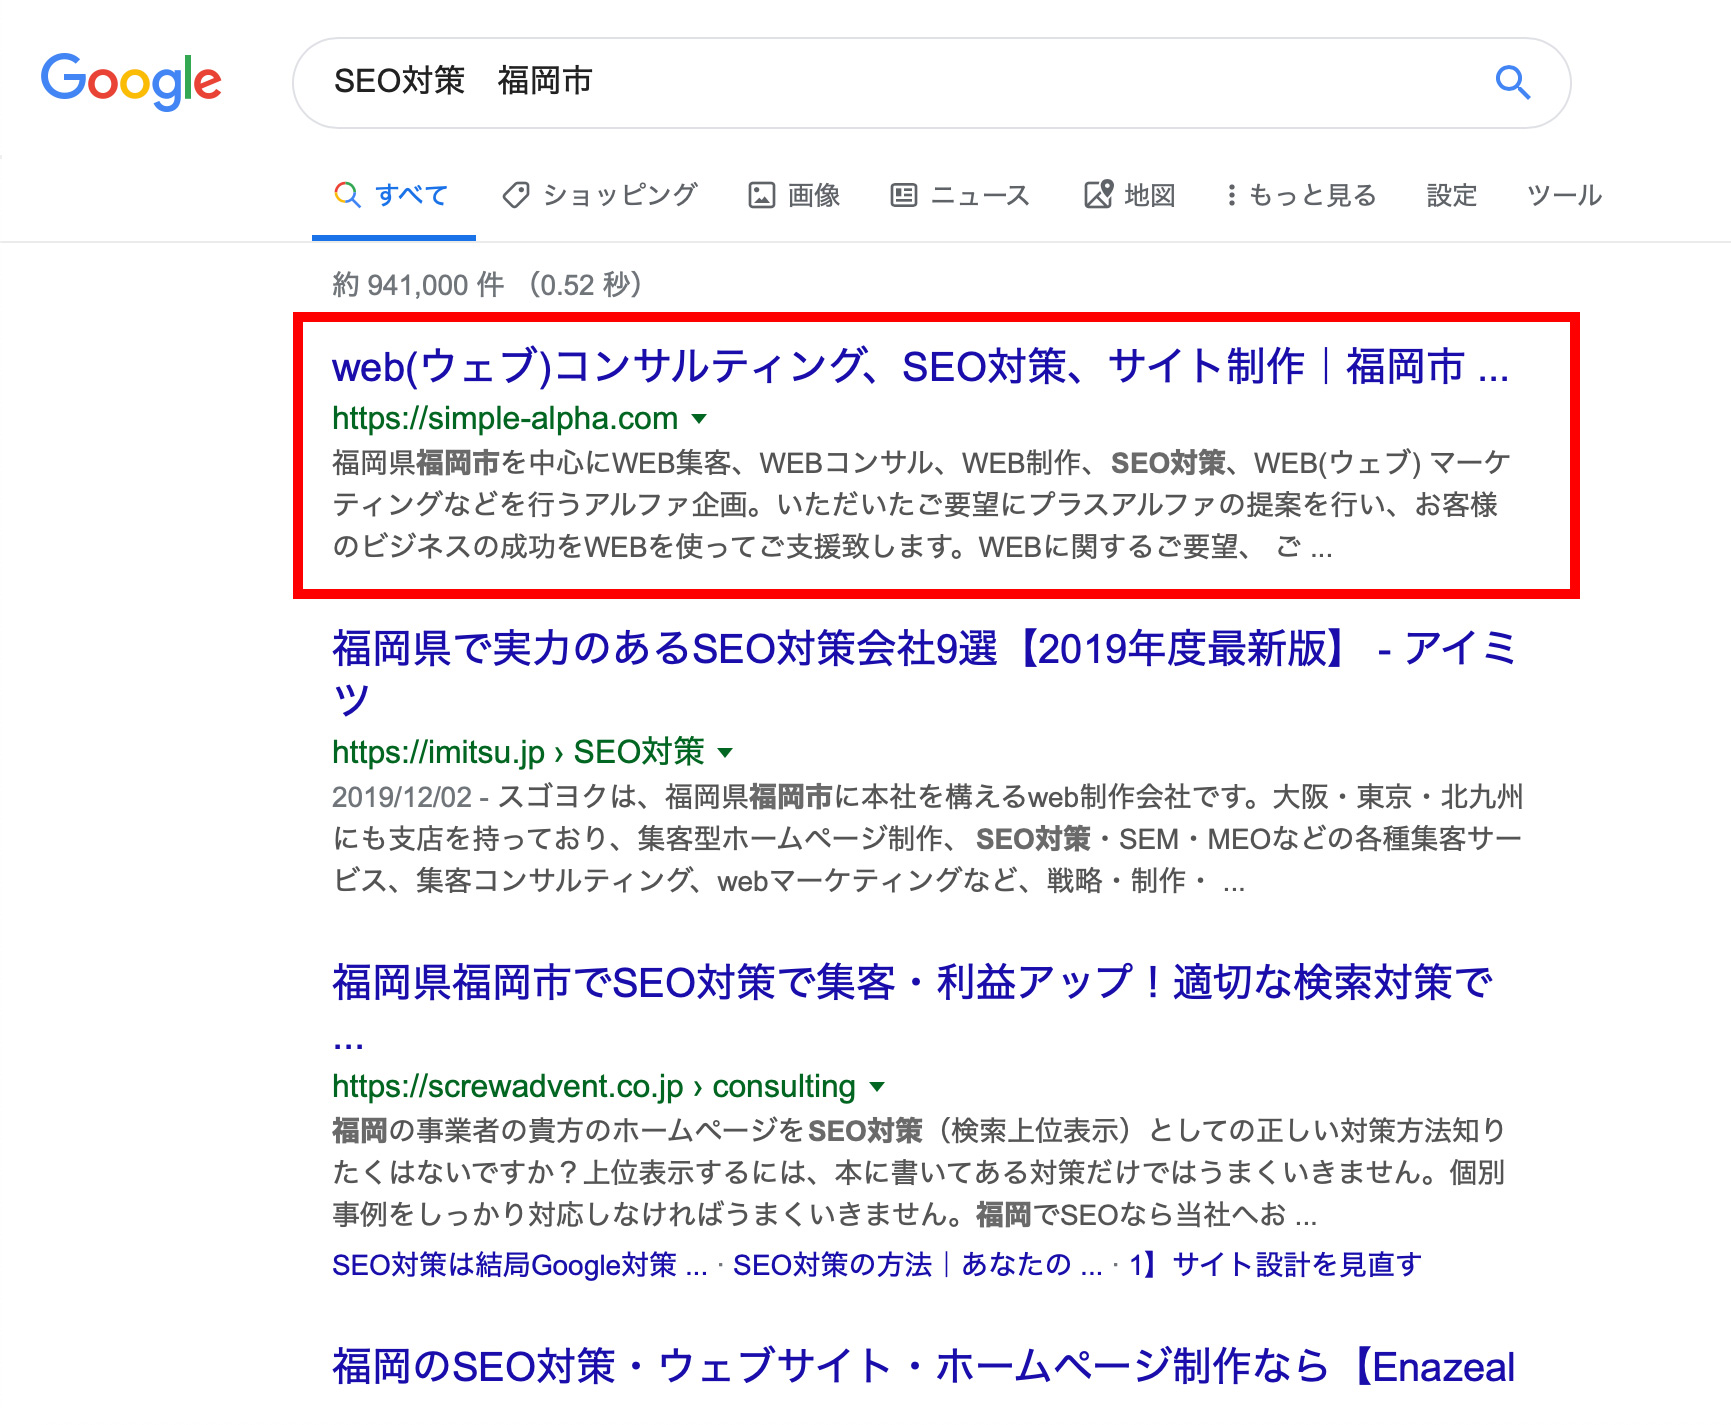 サイト公開(独立)から約半年で「SEO対策 福岡市」のキーワーで一位を獲得しました。